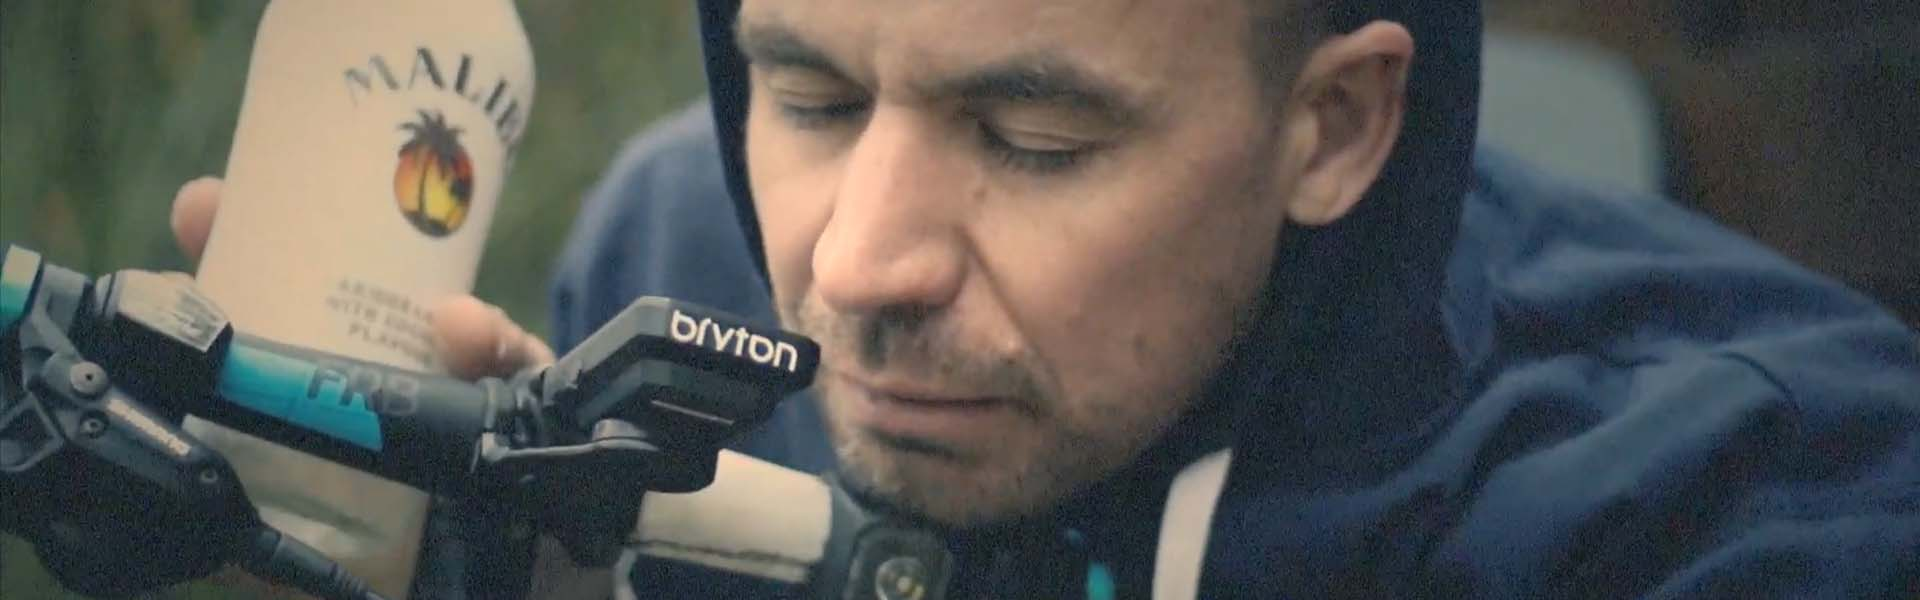 Szólsz neki, oszt odavisz - Bryton Rider 750: érintőképernyő és beszédfelismerő navigáció